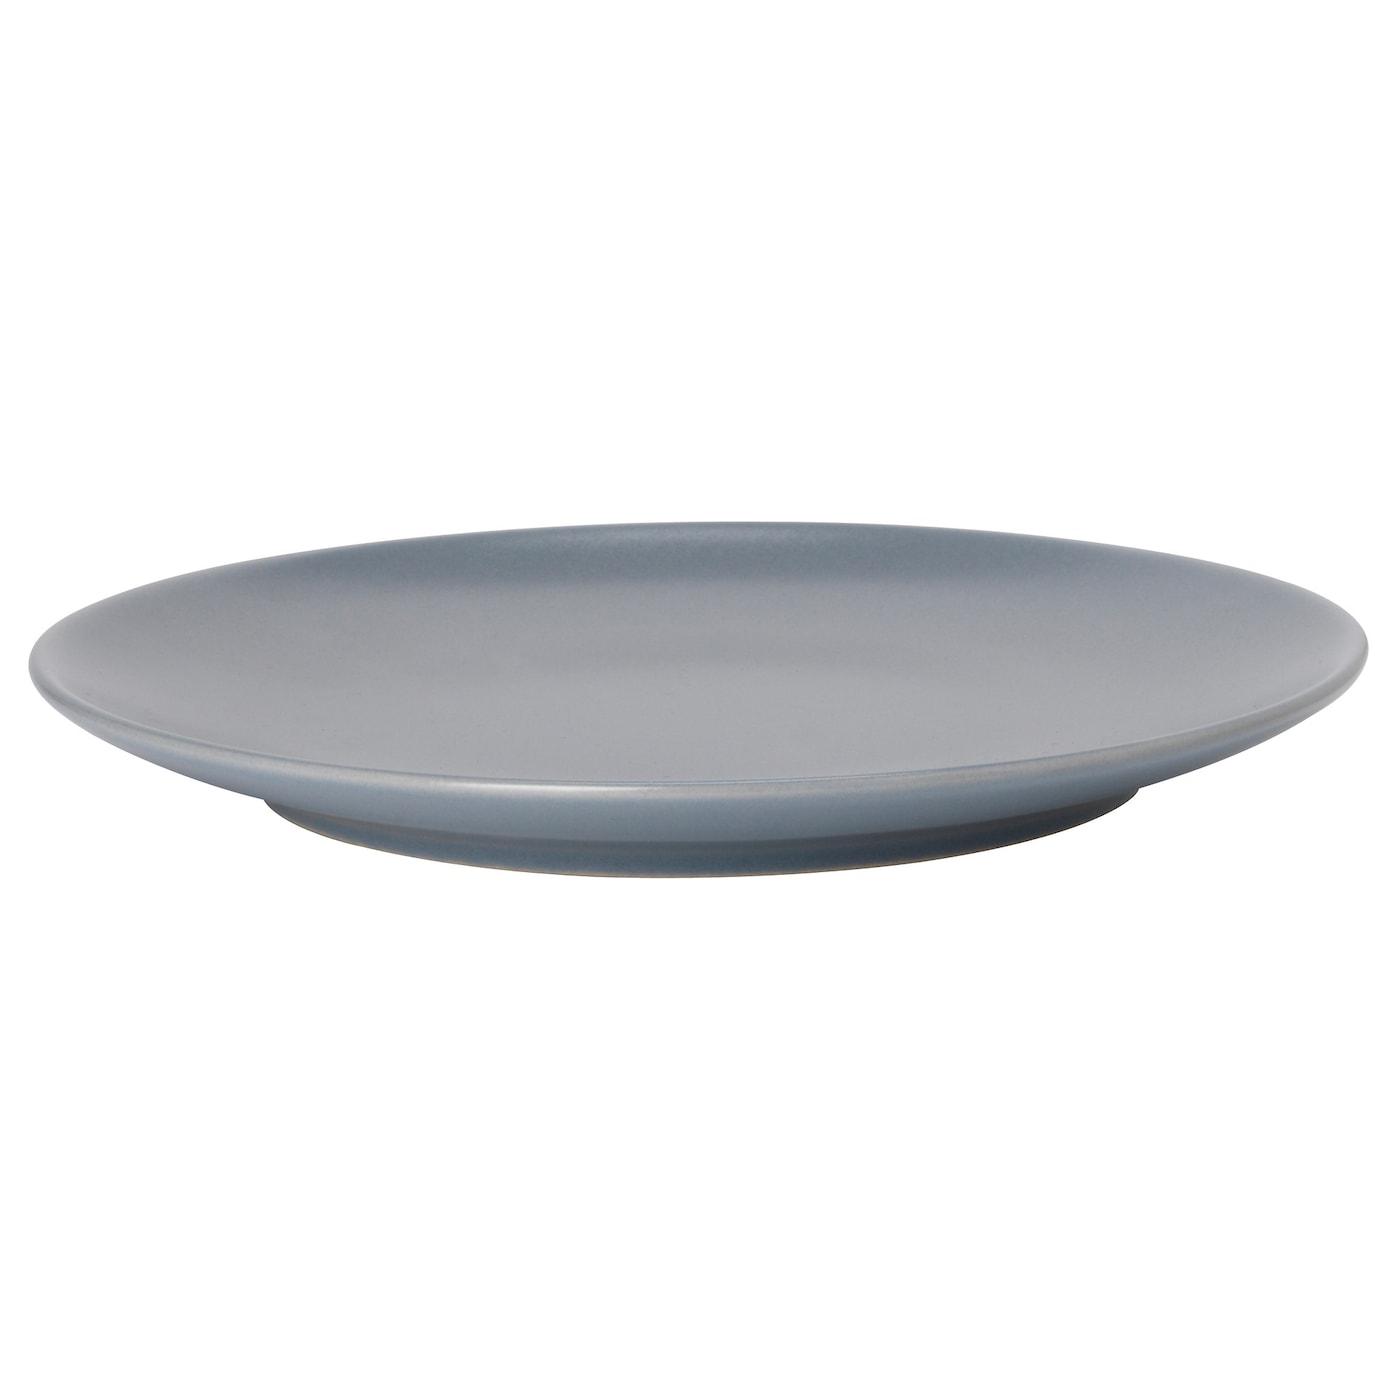 Dinera assiette bleu gris 26 cm ikea - Art de la table vaisselle ...